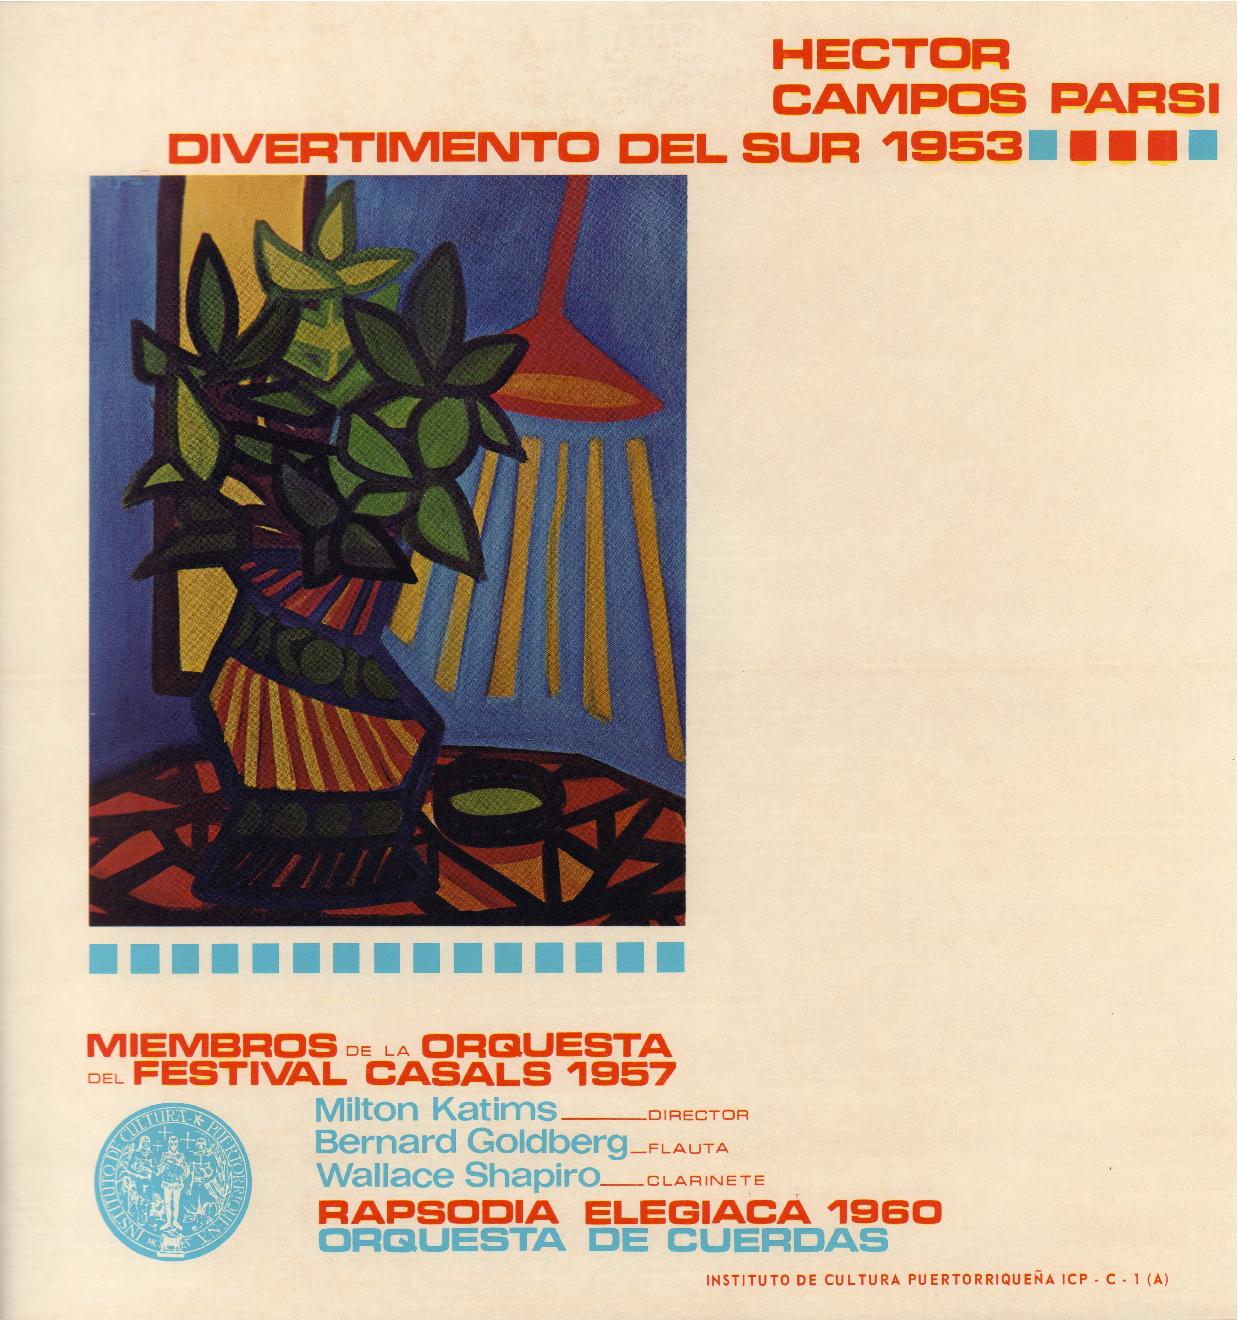 Héctor Campos Parsi - Divertimento del Sur (1953) / Rapsodia Elegíaca (1960)